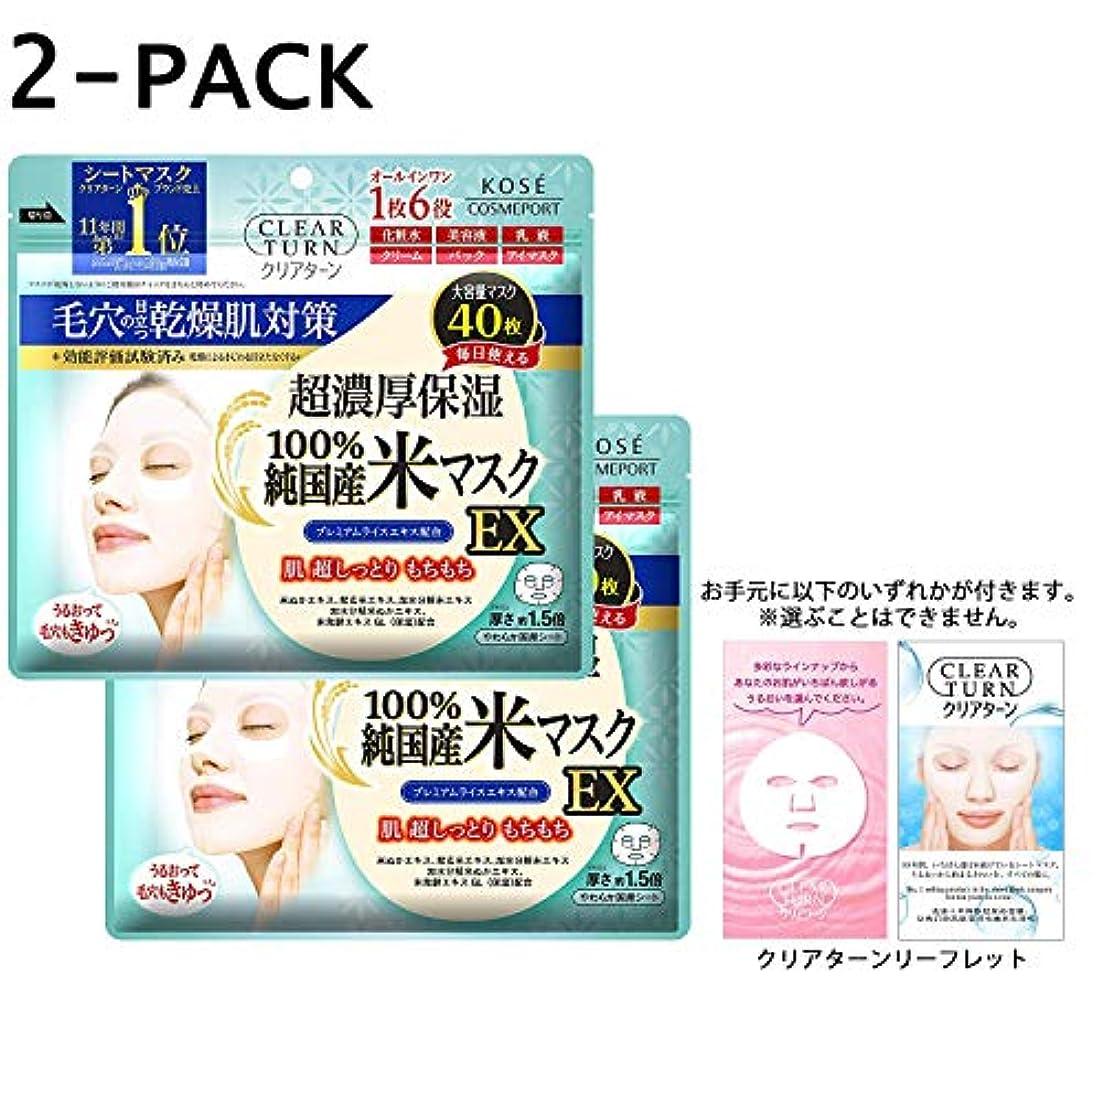 どのくらいの頻度でトリプル依存【Amazon.co.jp限定】KOSE クリアターン 純国産米マスク EX 40枚入 2P+リーフレット付き